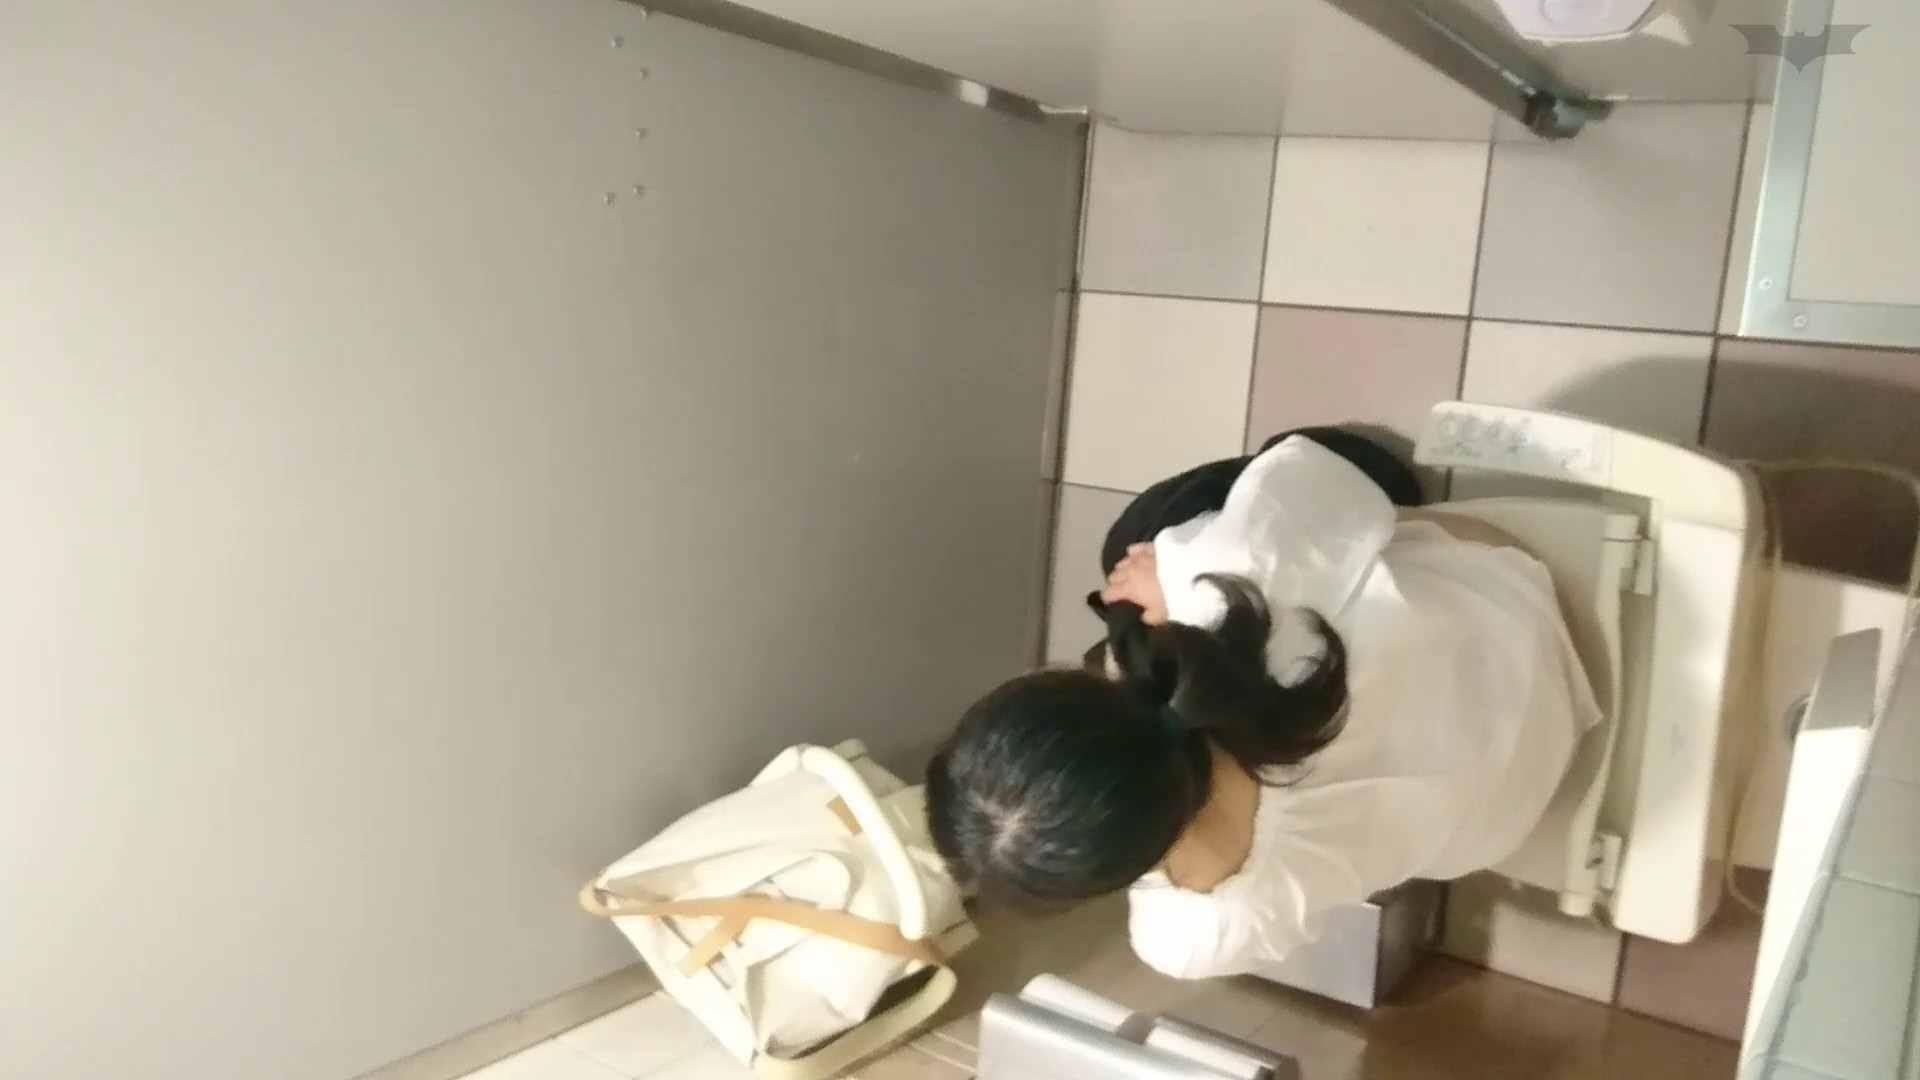 化粧室絵巻 ショッピングモール編 VOL.22 美肌 性交動画流出 111枚 3